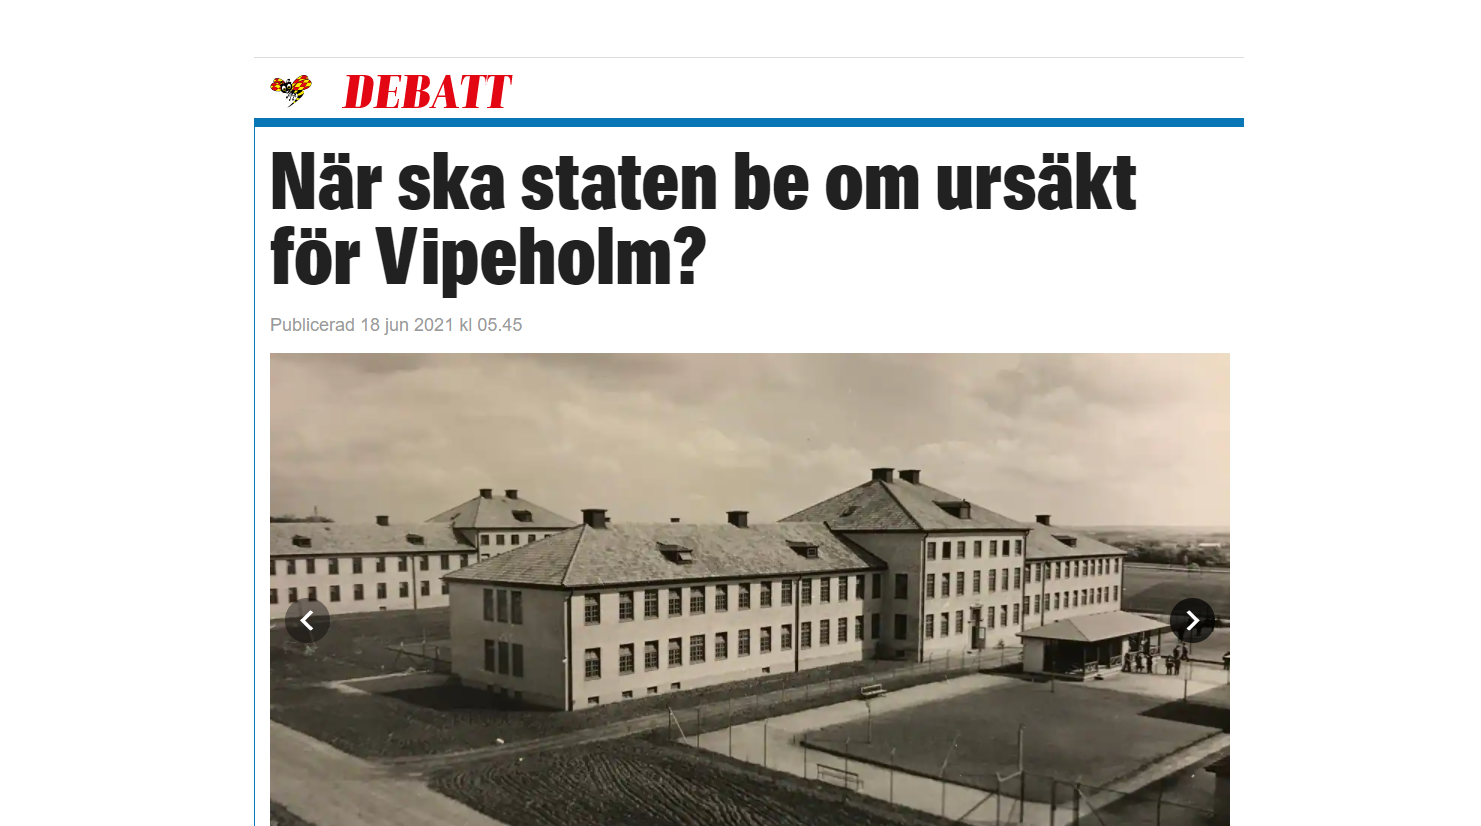 Skärmklipp Expressen debatt 18 juni 2021 debattartikel När ska staten be om ursäkt för Vipeholm?